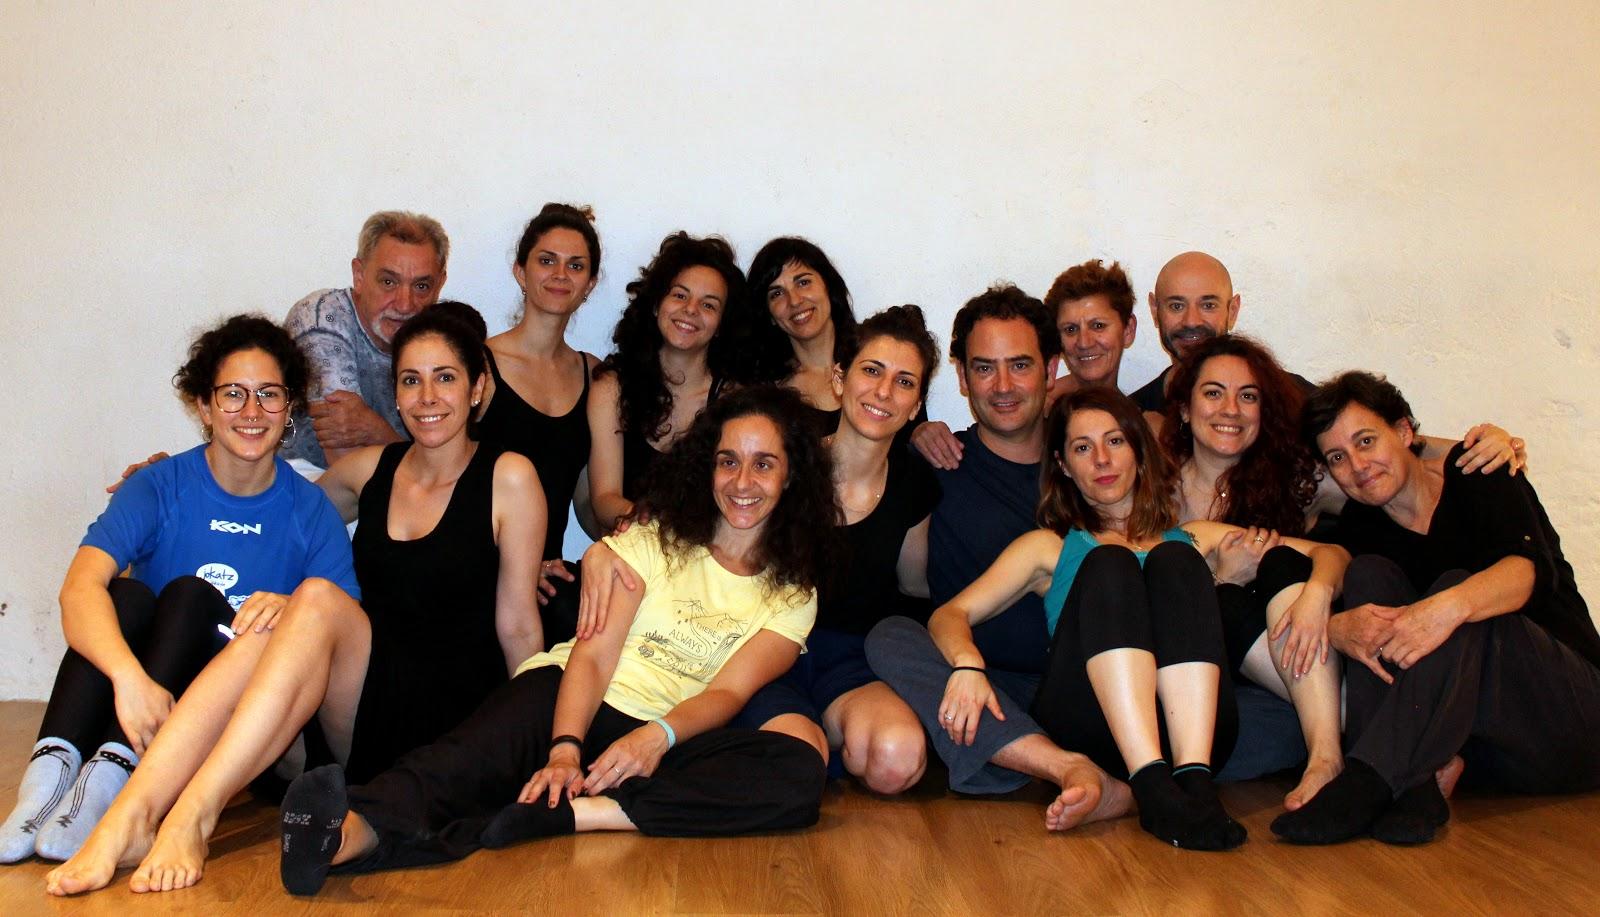 Valoración de l@s alumn@s sobre la formación recibida en la Formación en Expresión Corporal-Danza